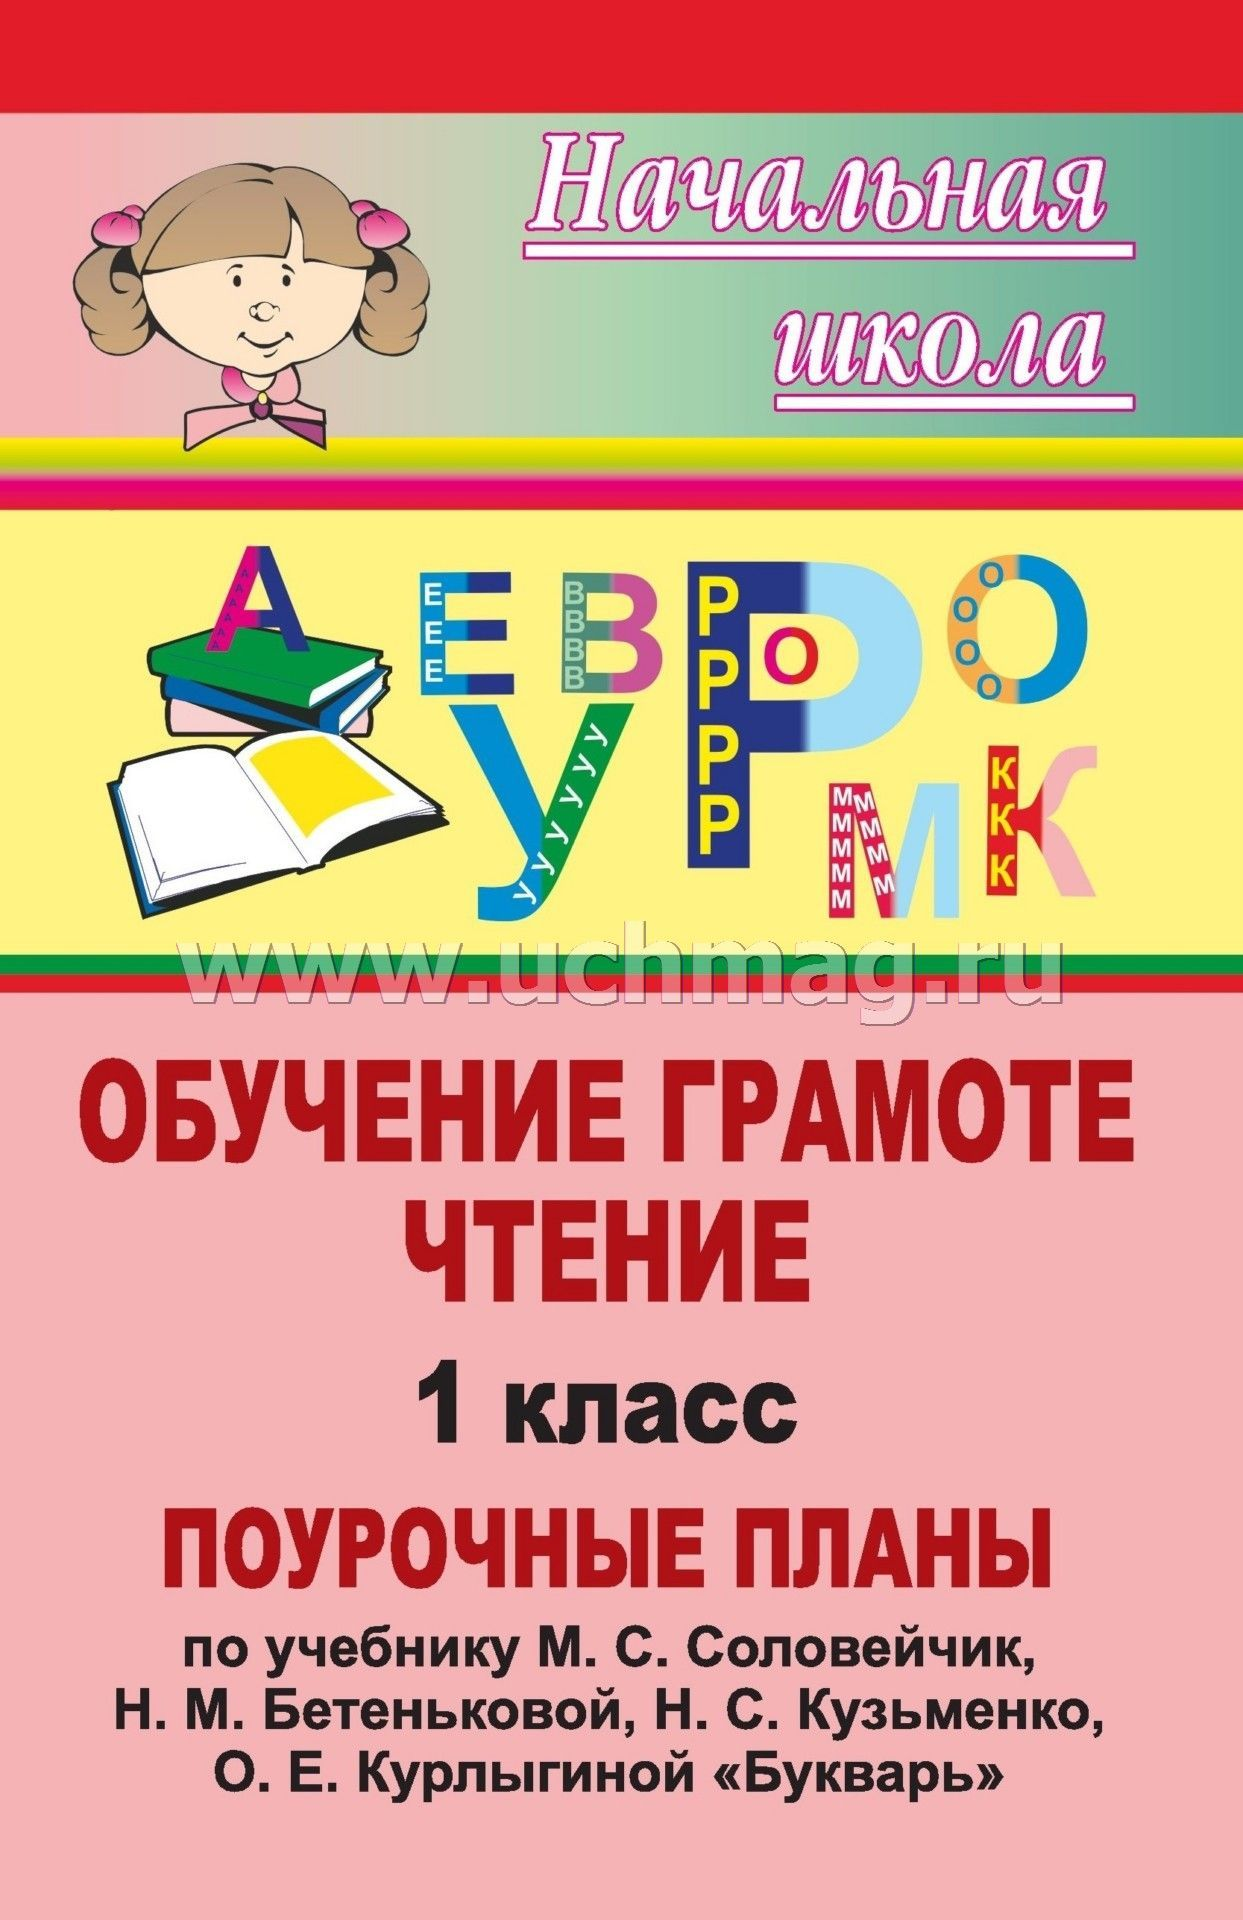 Н. С. Кузьменко,